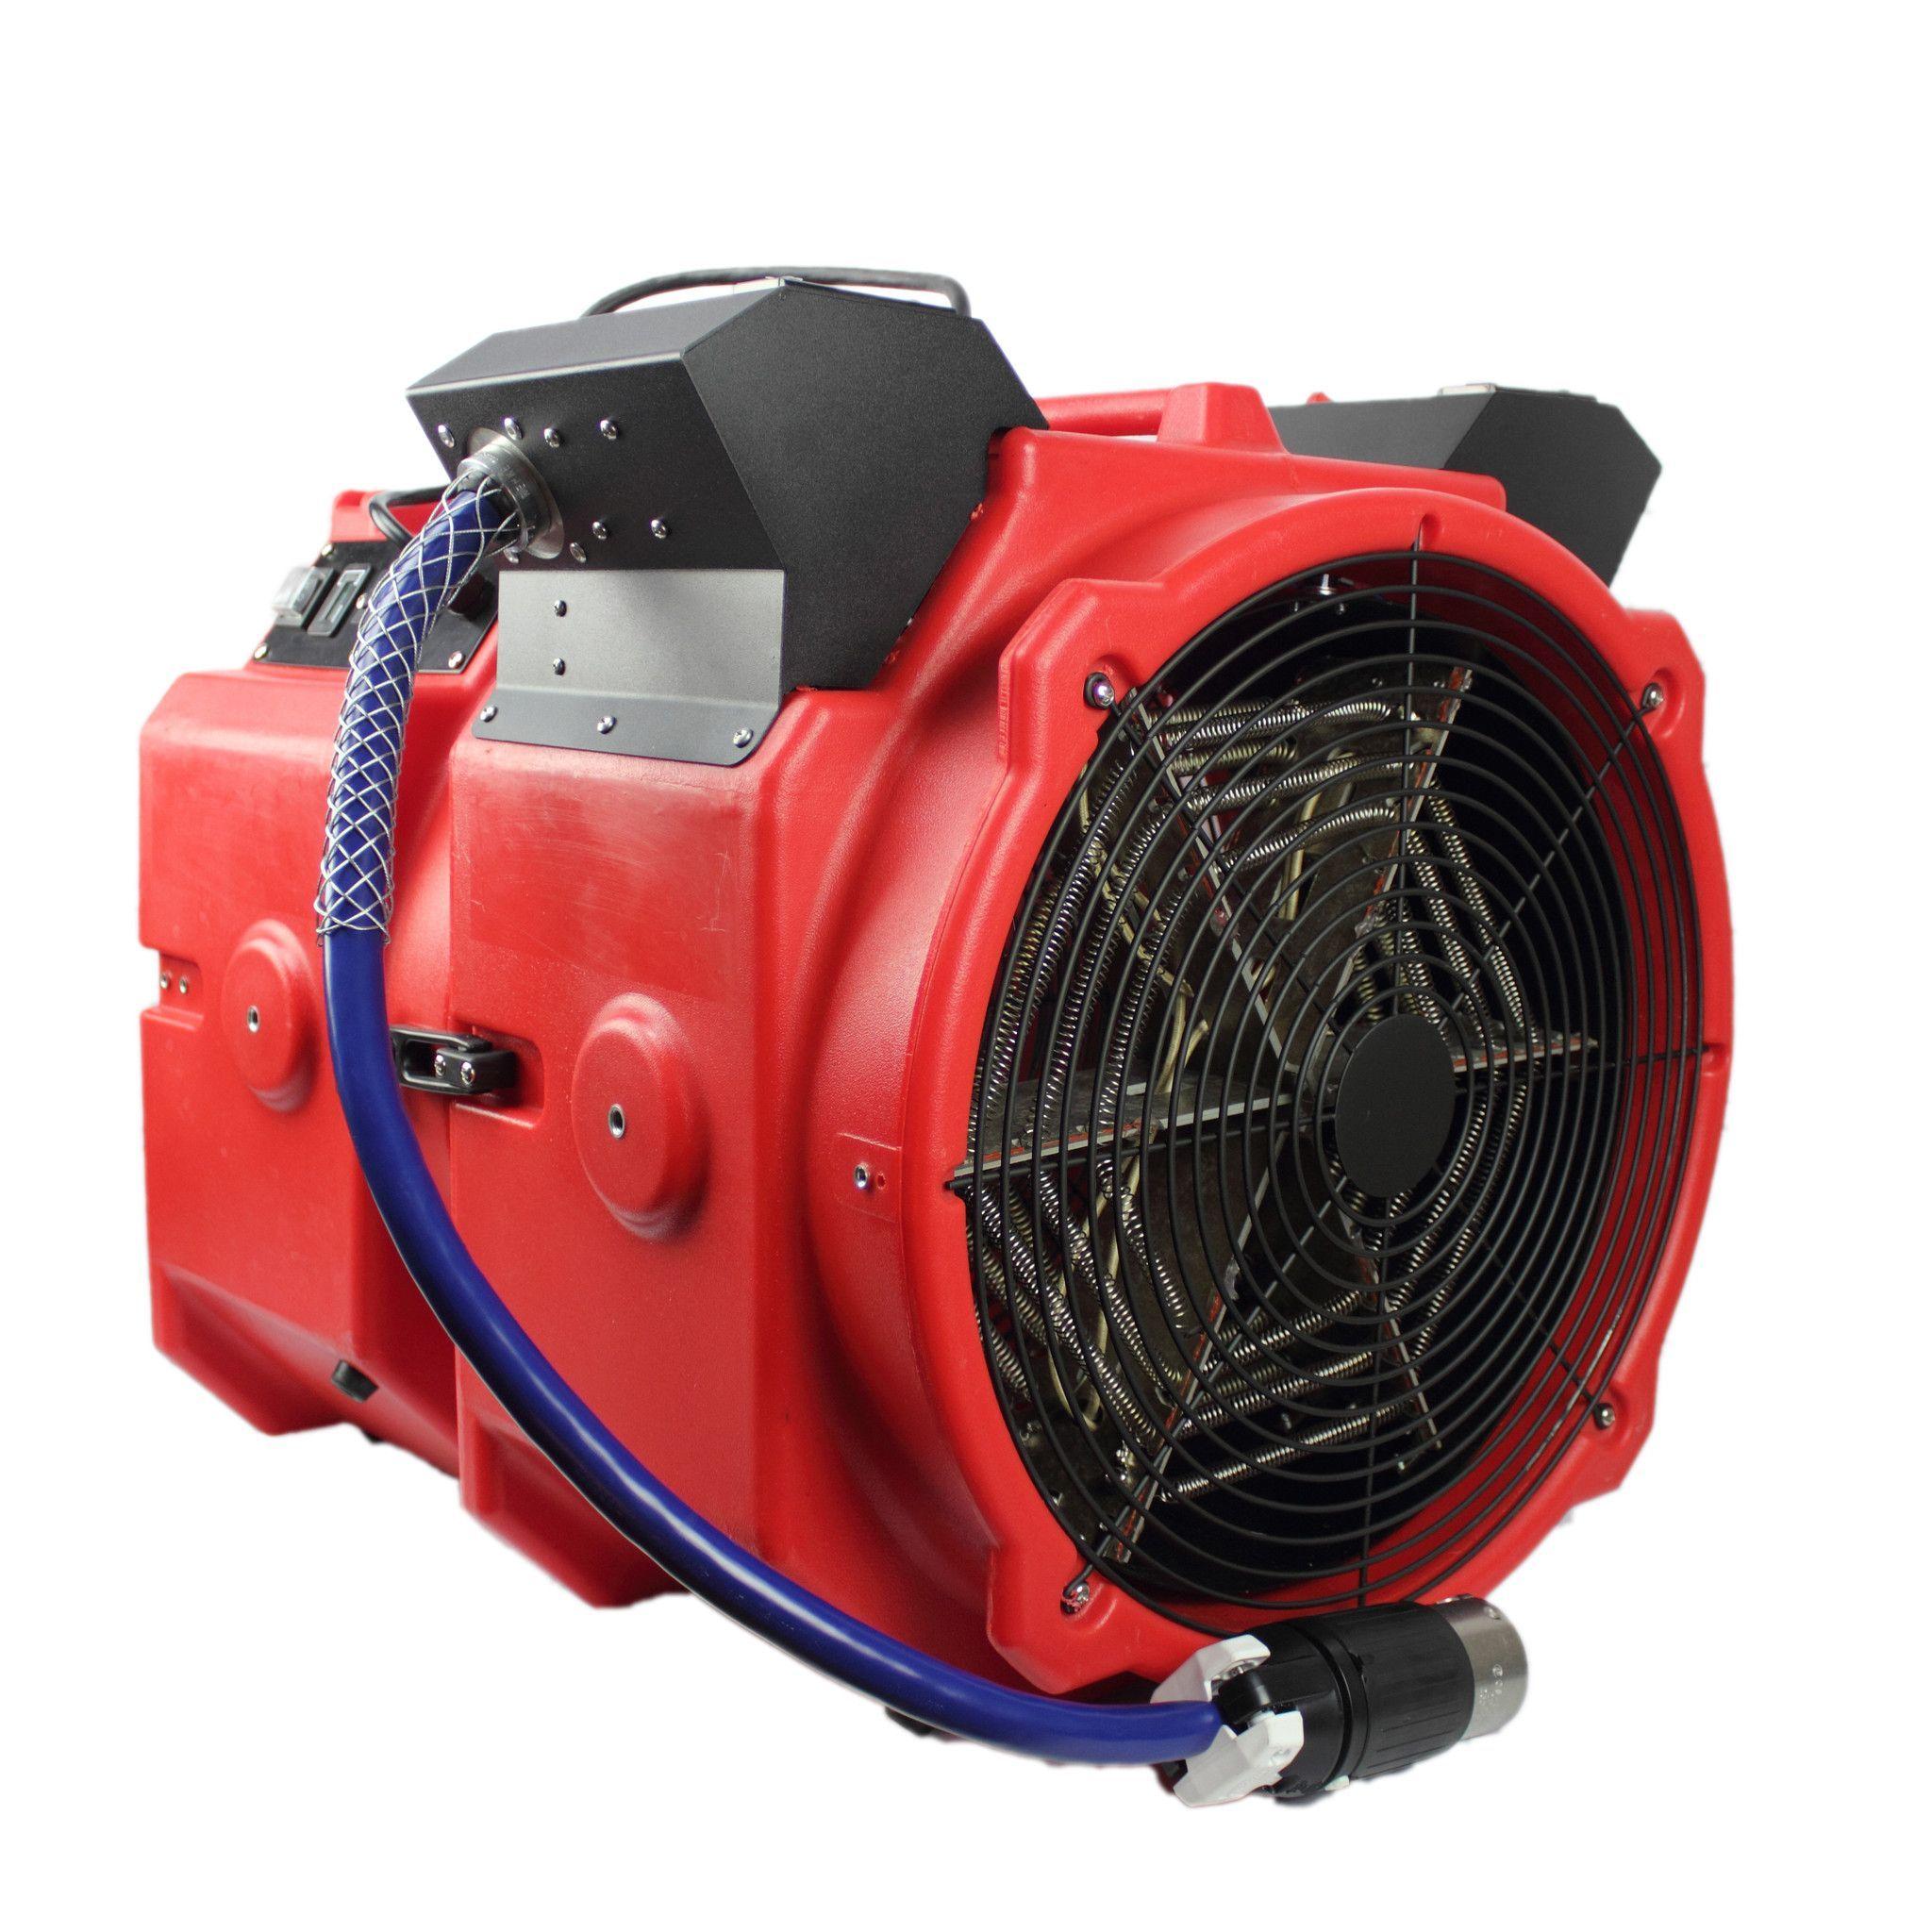 Convectex 52K (Heater and Fan Combo) Heating company